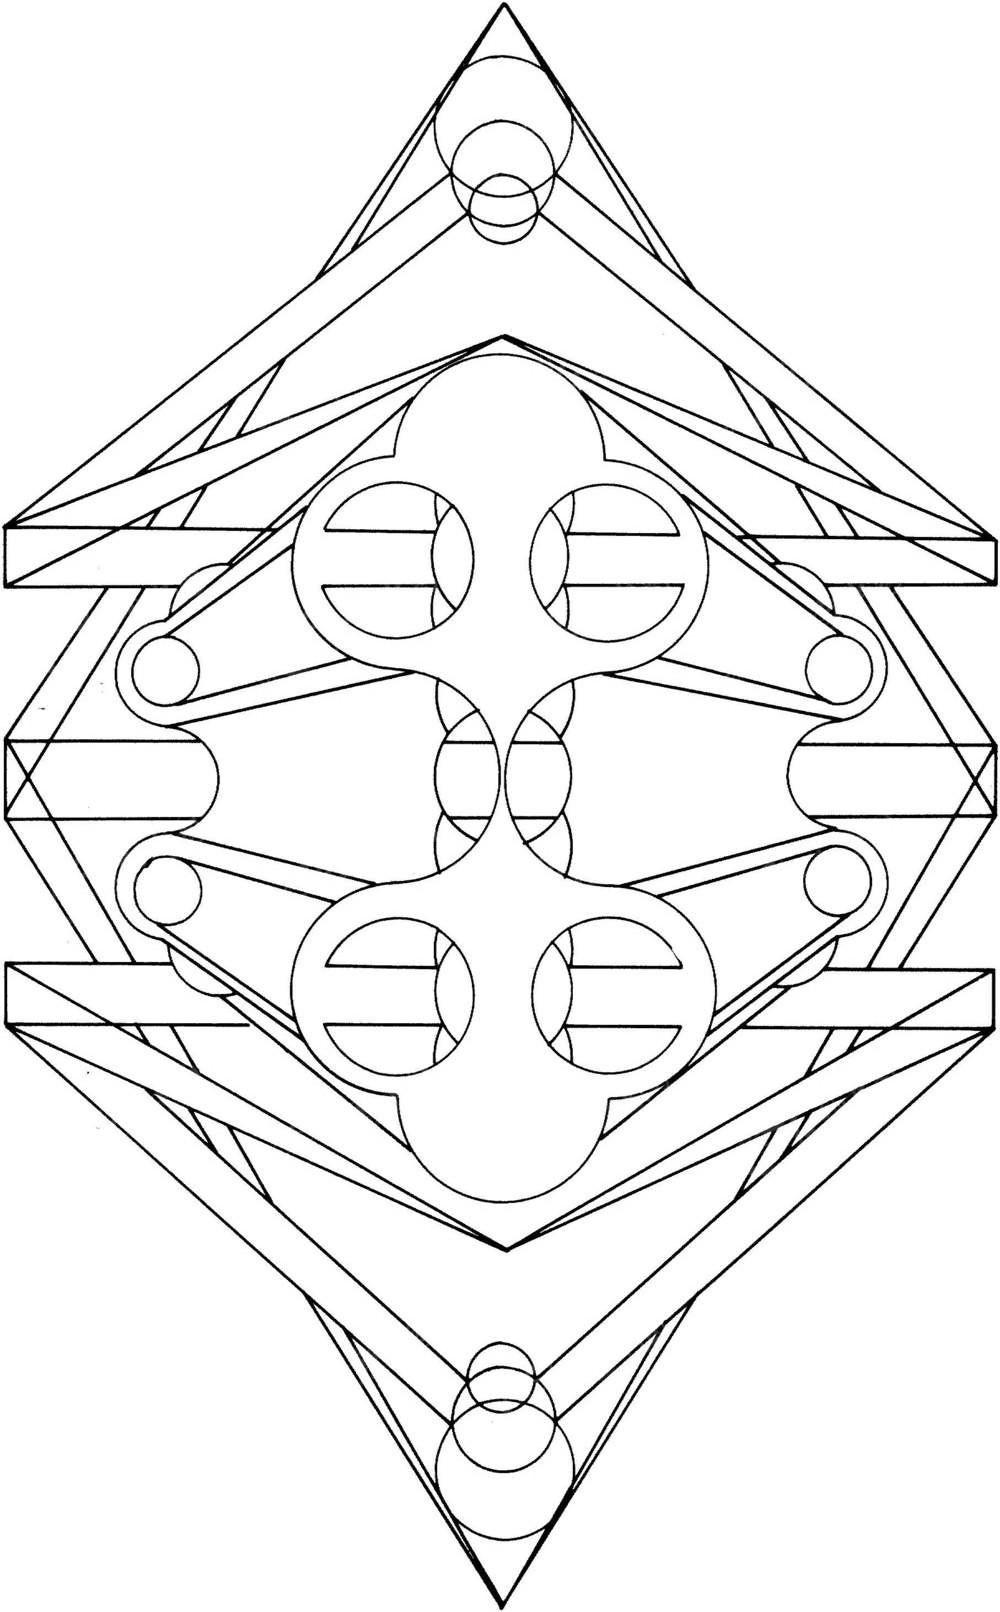 复杂的手绘封面